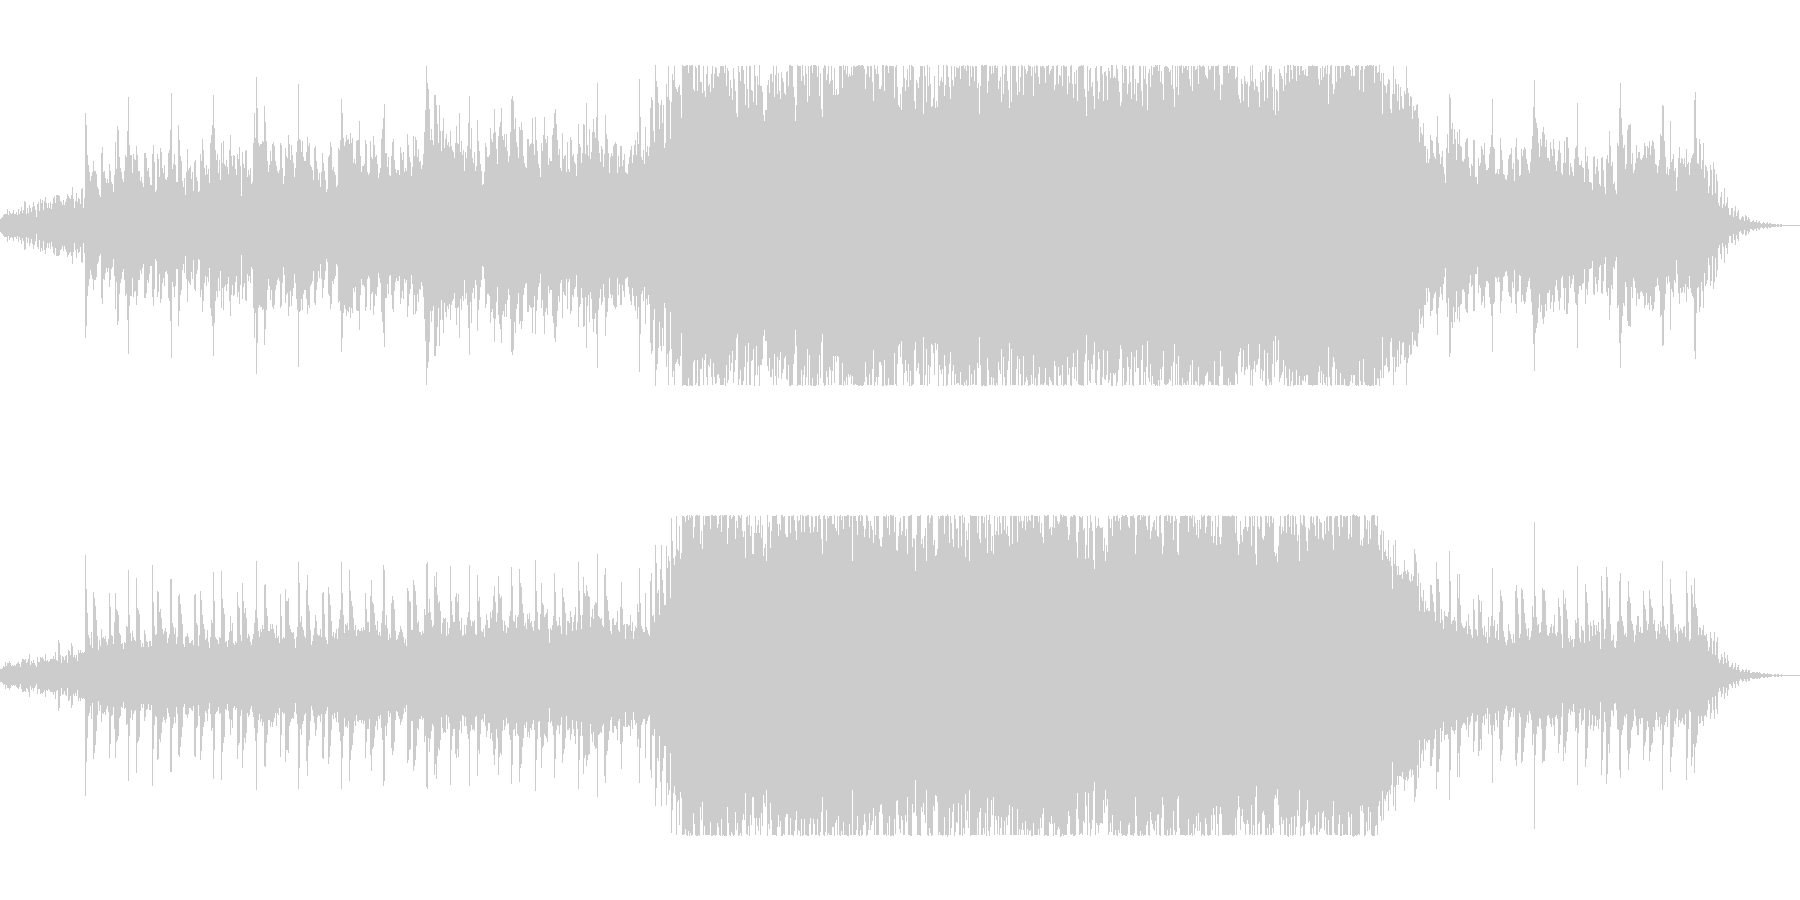 ディレイ・ギターと変拍子のニューロックの未再生の波形